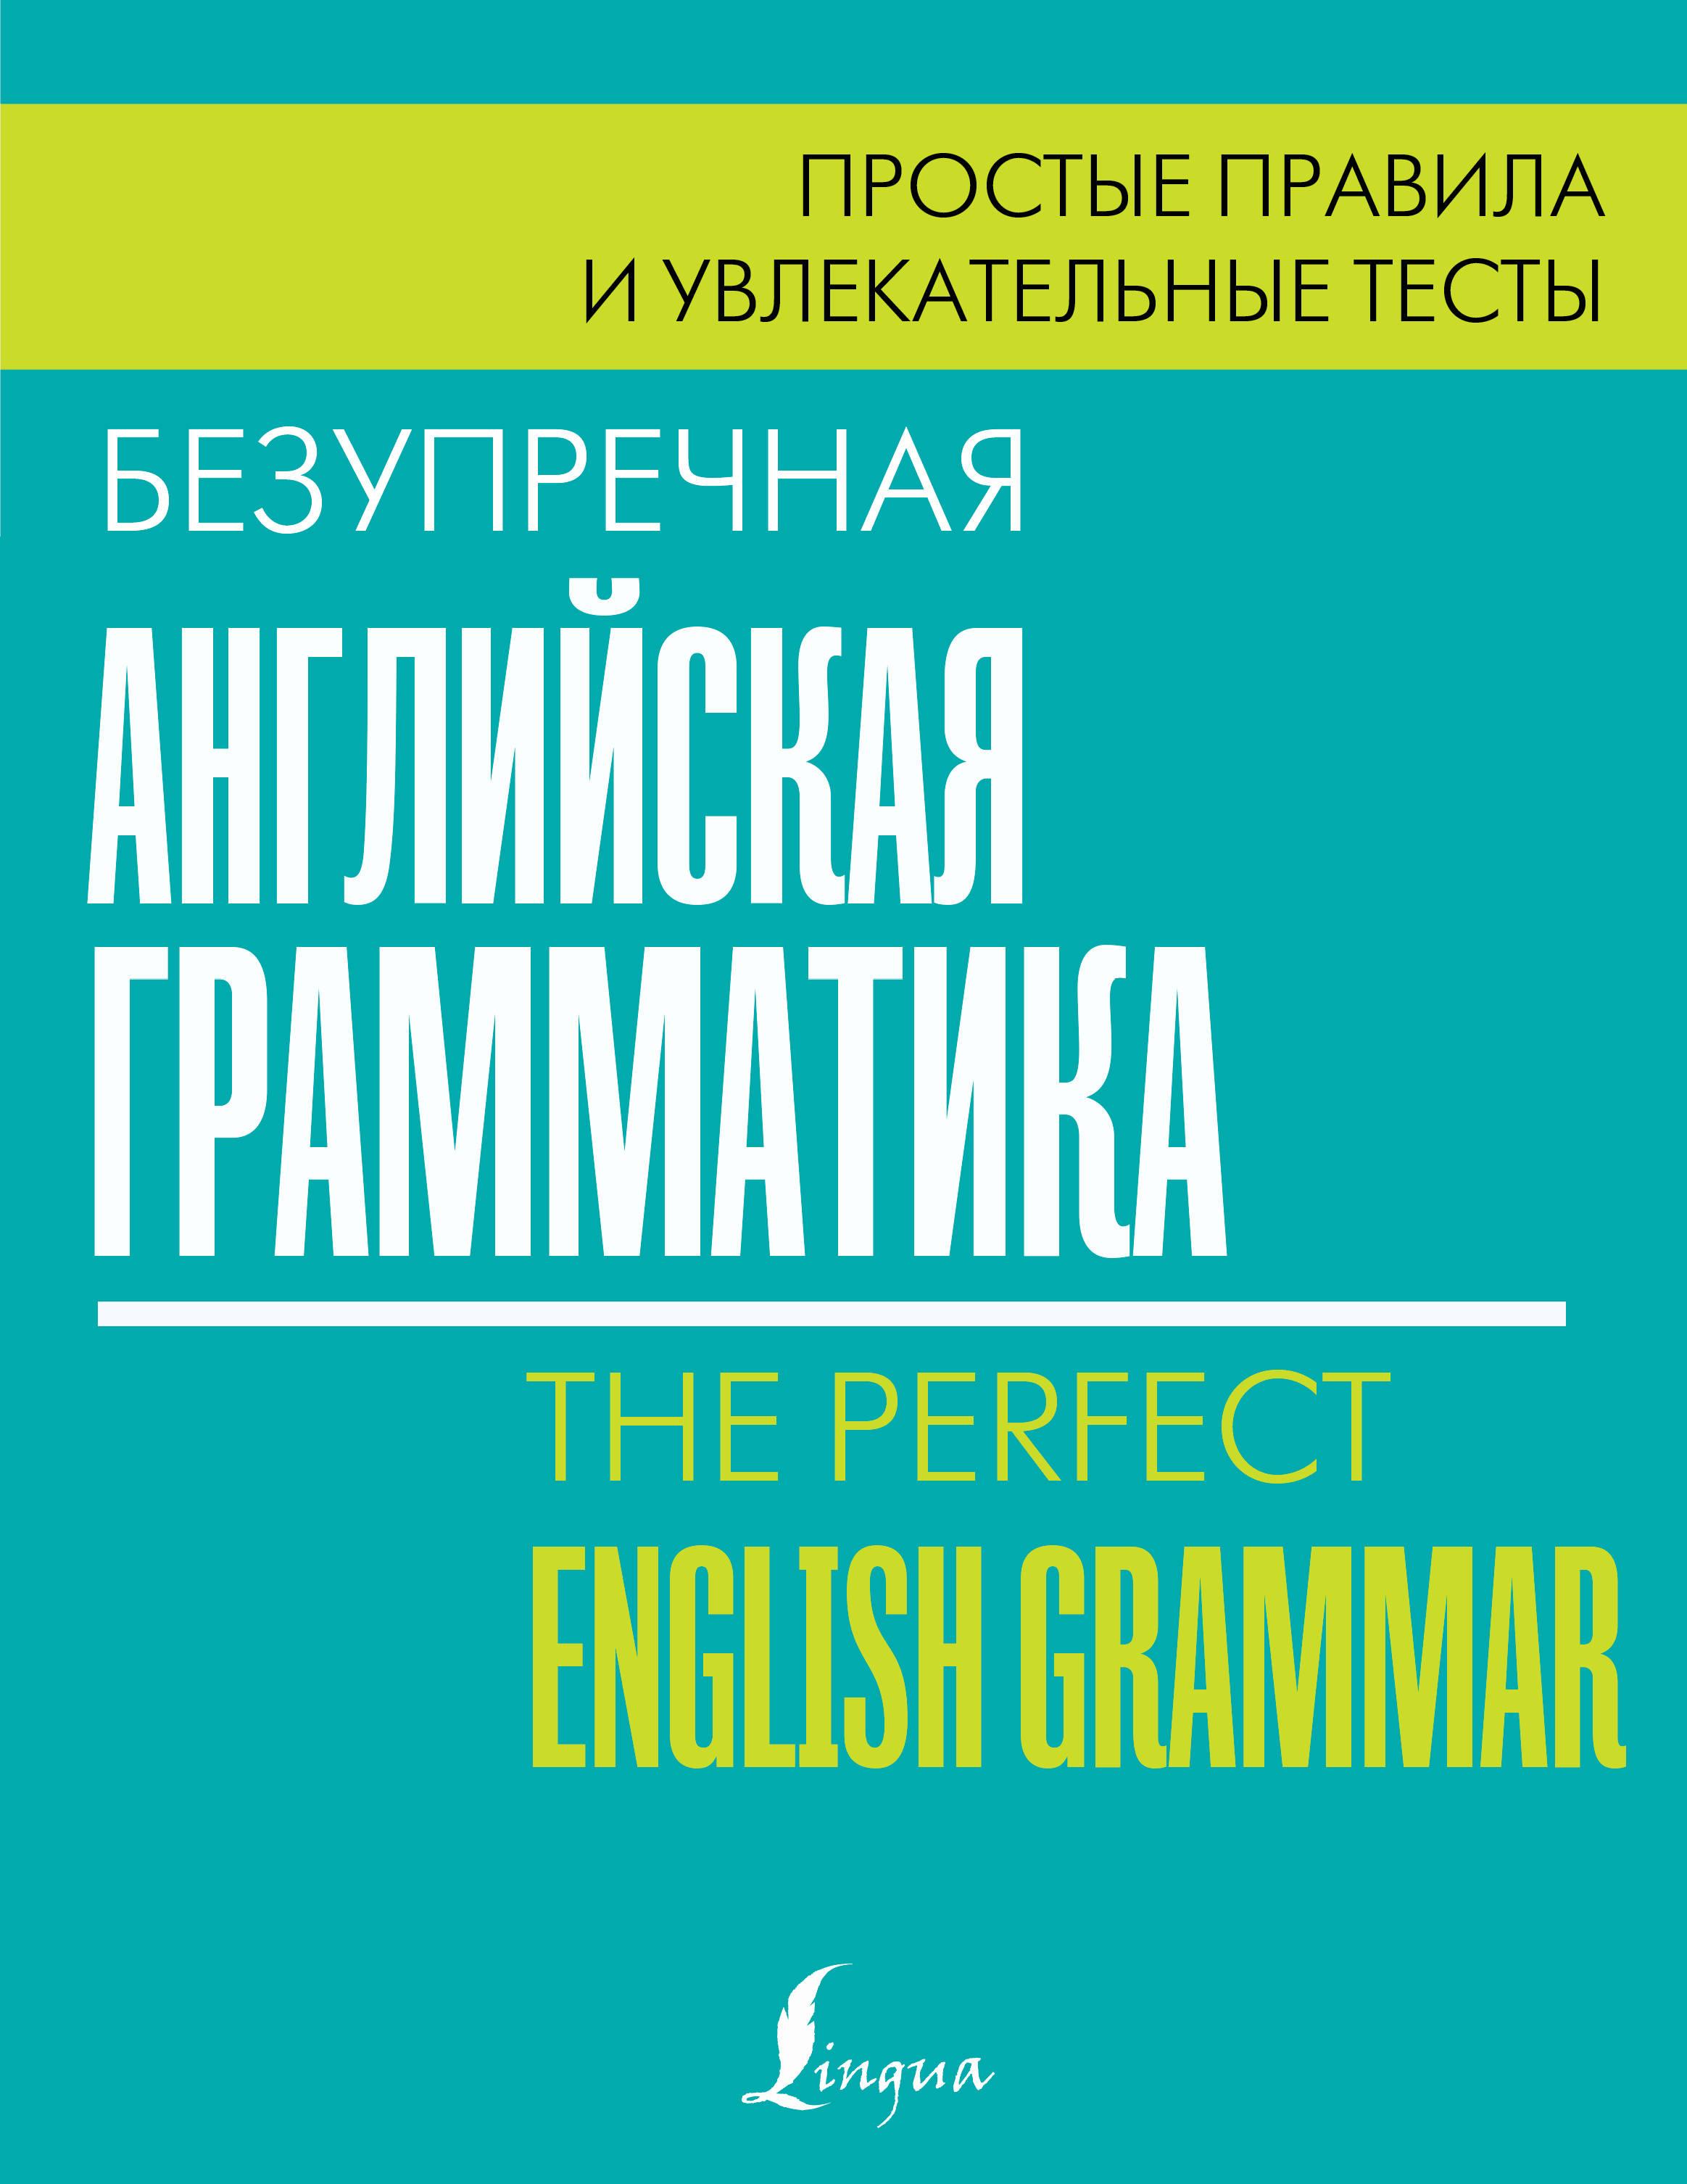 Bezuprechnaja anglijskaja grammatika: prostye pravila i uvlekatelnye testy